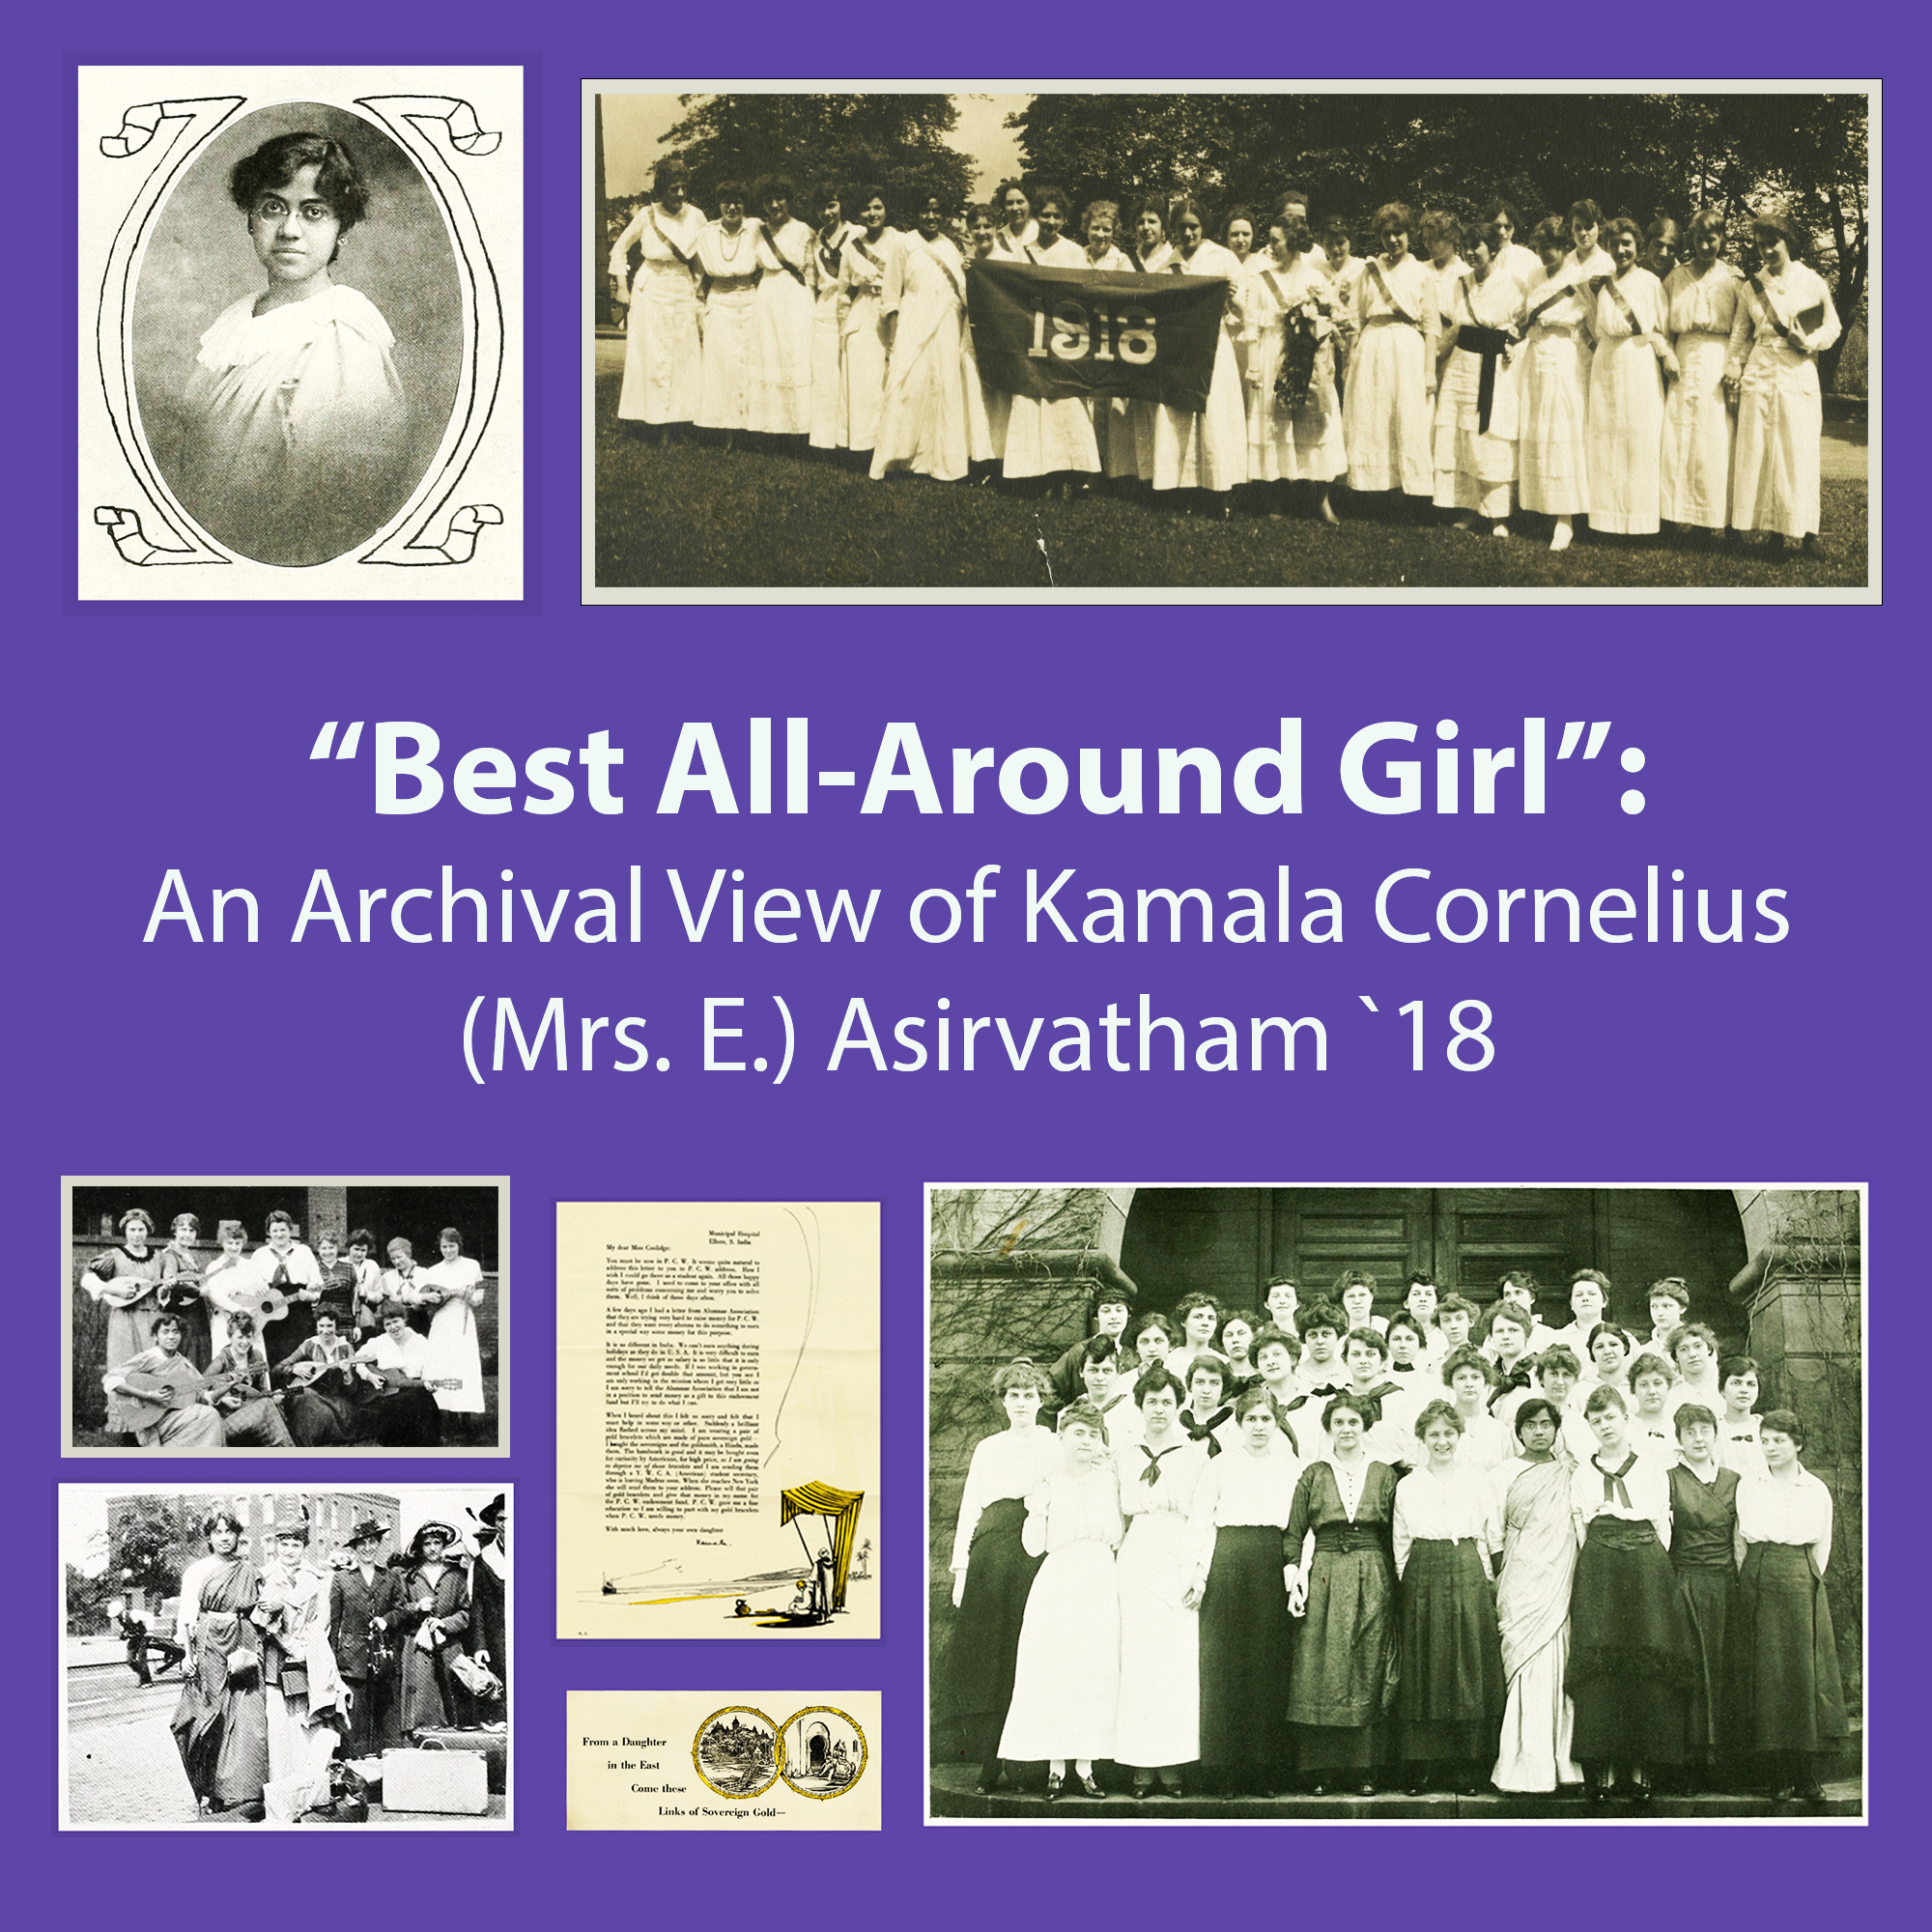 Archival View of Kamala Cornelius